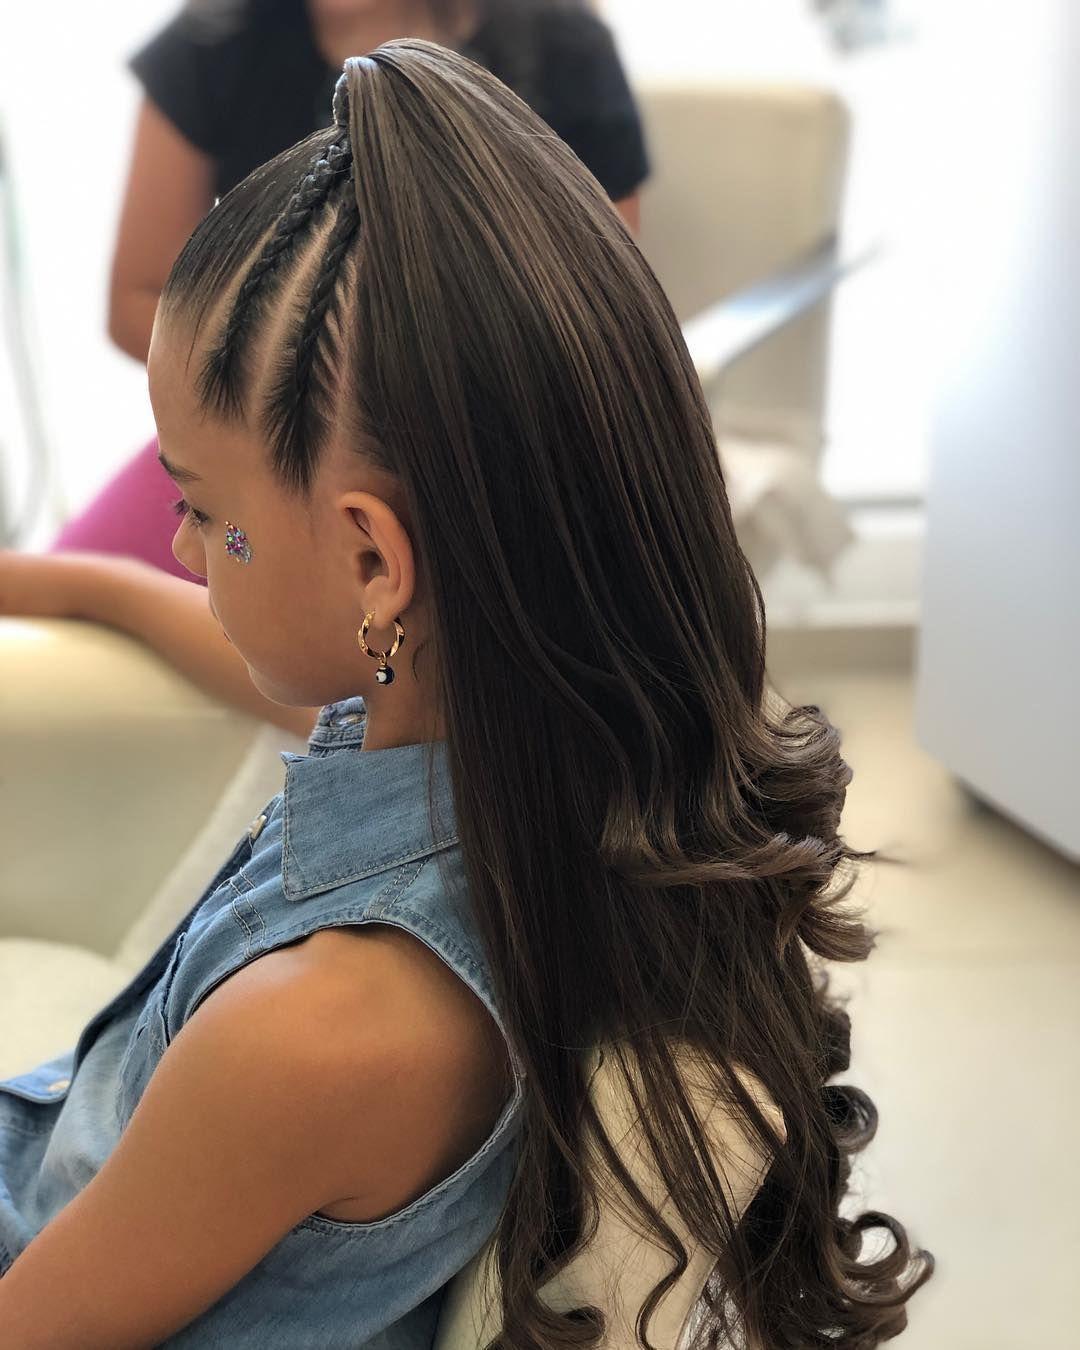 """Sandra Rojas On Instagram: """"Hermoso Peinado Y Trenza En Colorin Peluqueria Cucuta Con Rizos Trancas Tranças Trança Peinadoscolorin Braids Braid Braidstyles"""" - Hair Beauty"""